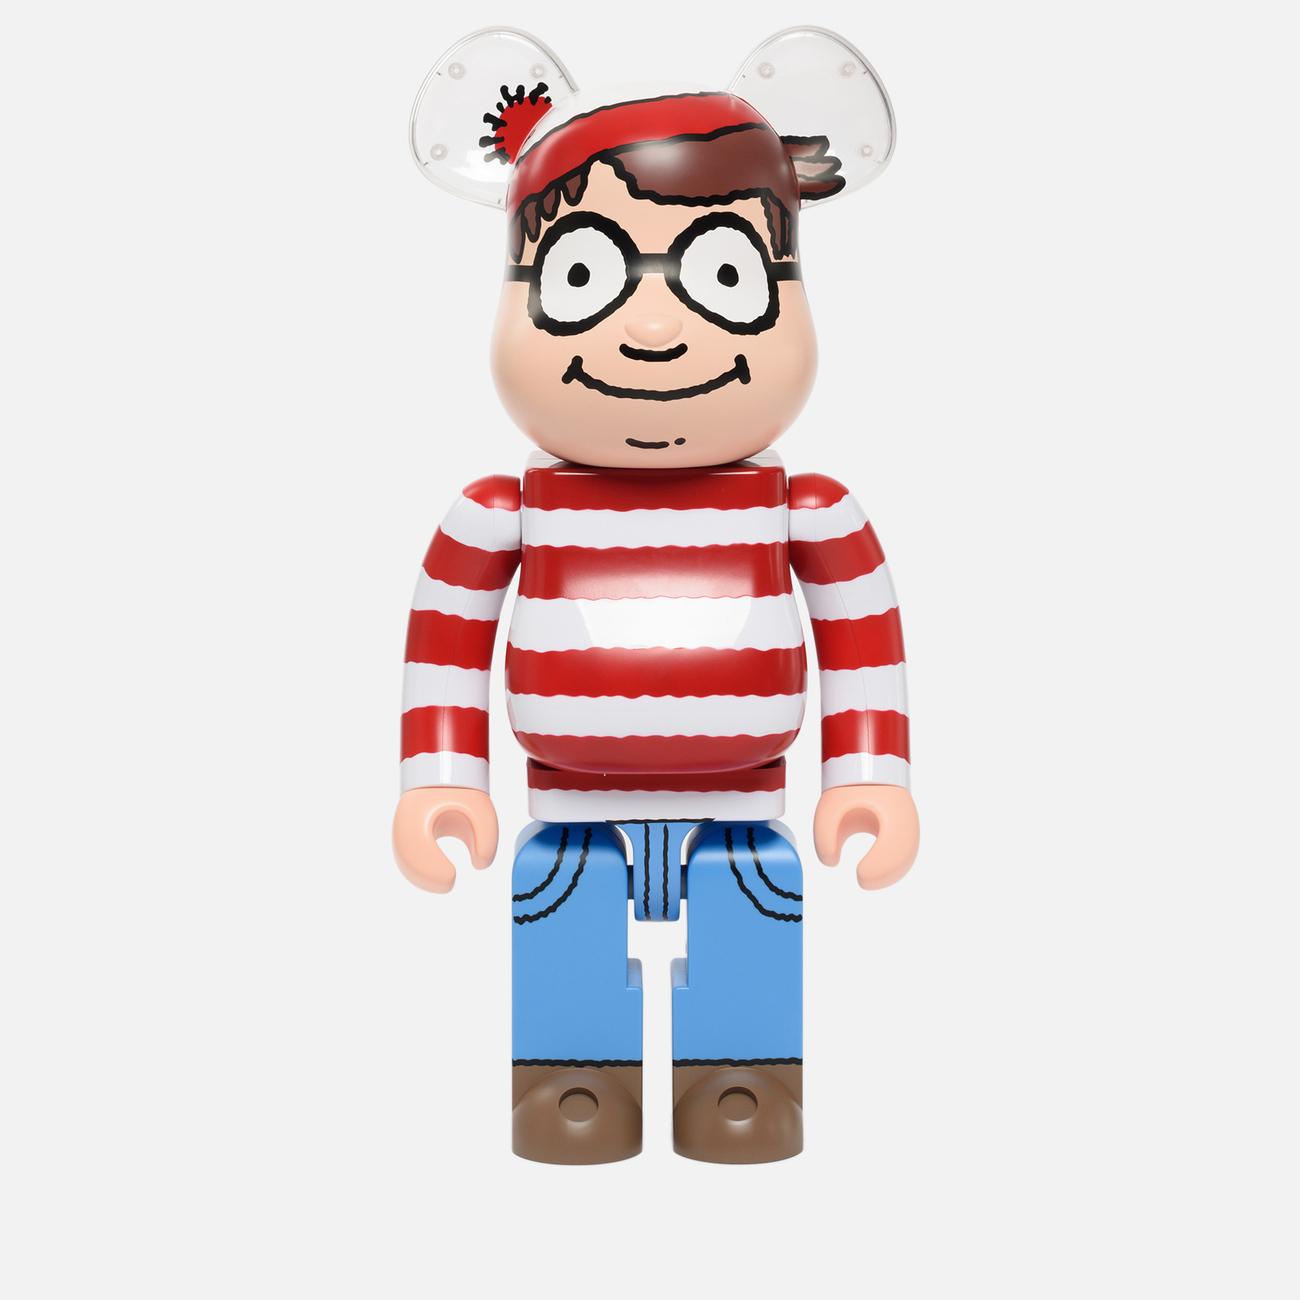 Игрушка Medicom Toy Bearbrick Wally 1000%